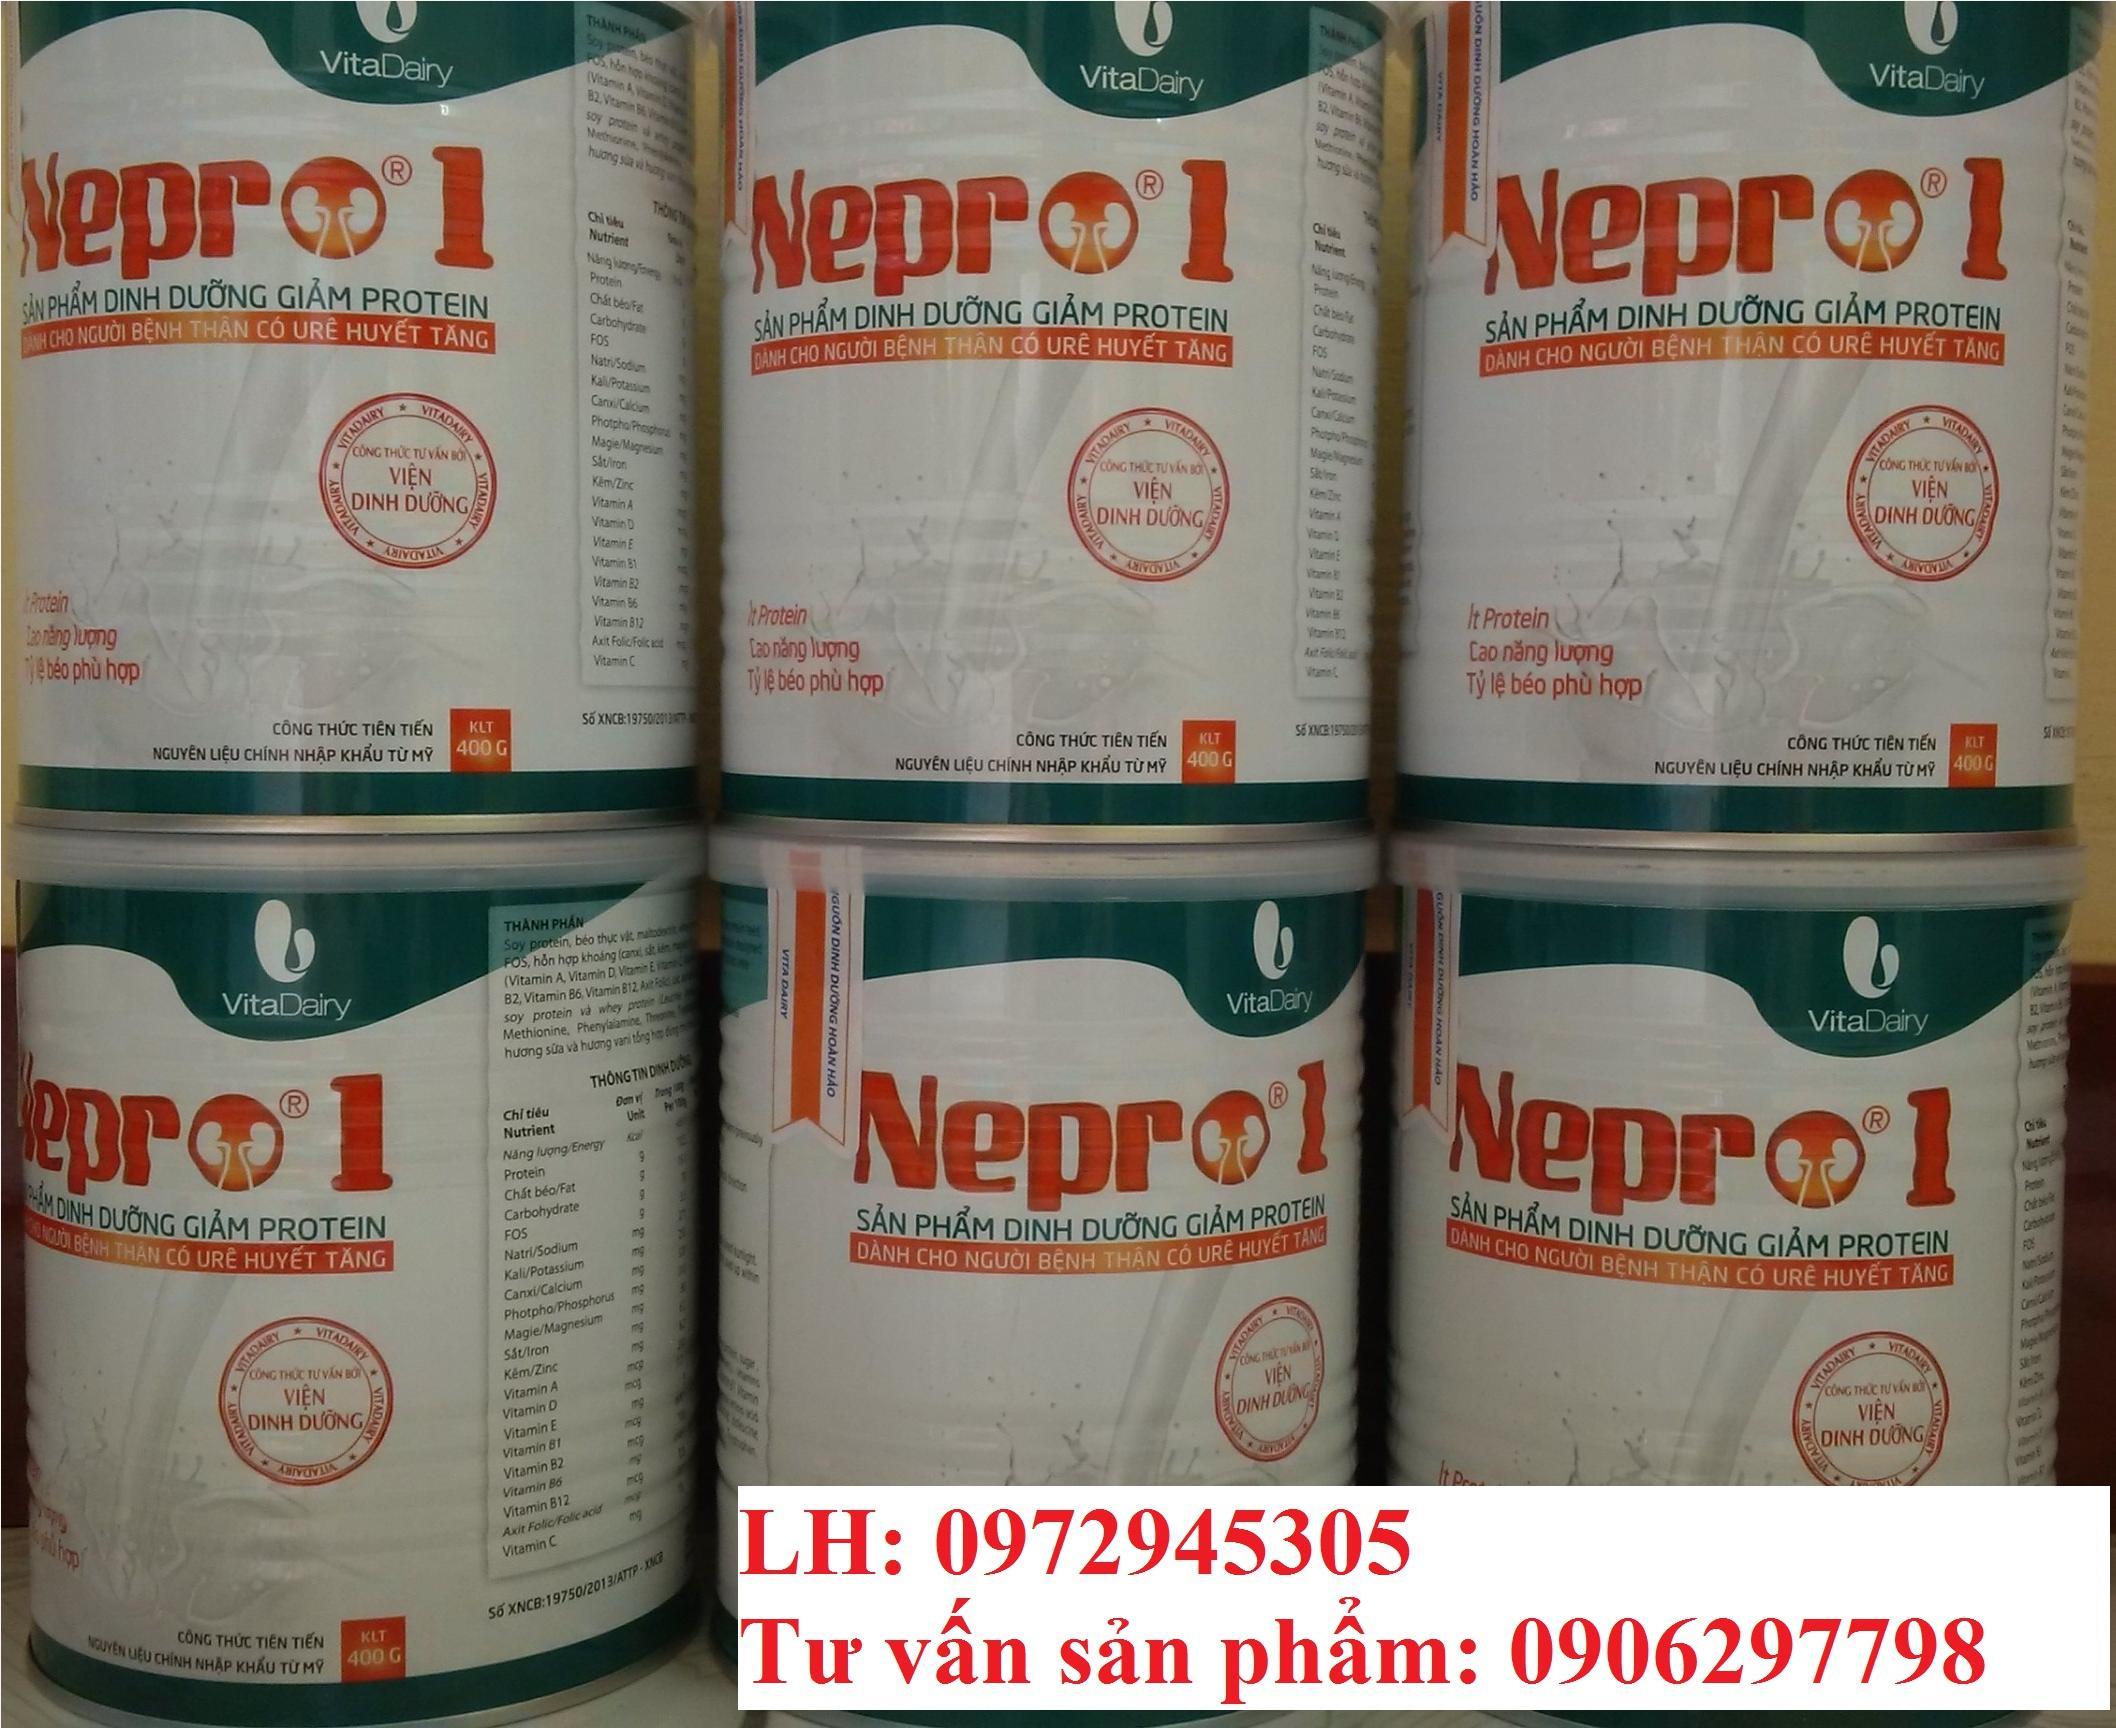 Sữa Nepro 1 cho bệnh nhân suy thận